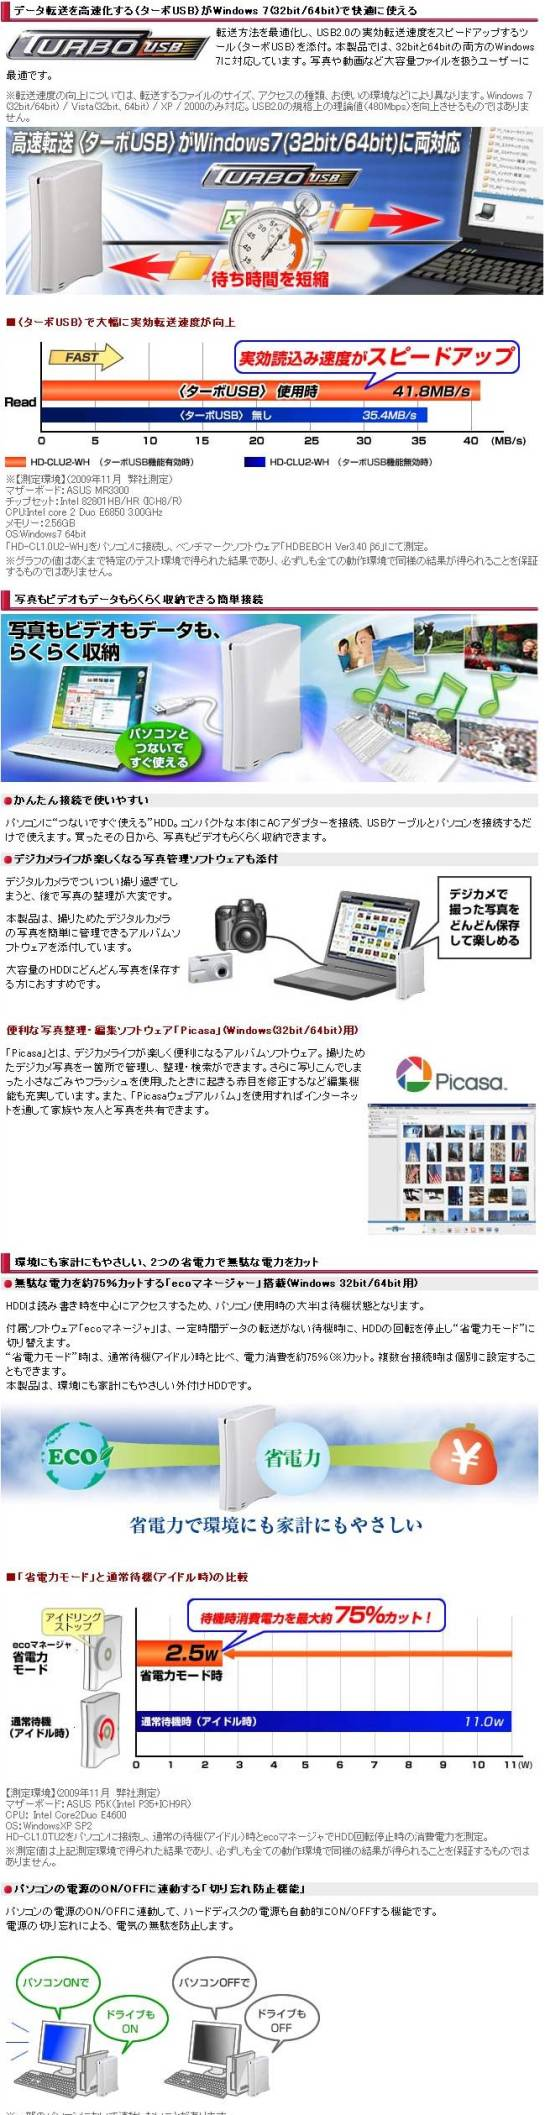 HD-CL1.5TU2-WH ターボUSB機能-省電力モード搭載 USB2.0用 外付けハードディスク 1.5TB ホワイトモデル 【 ムラウチドットコム 】